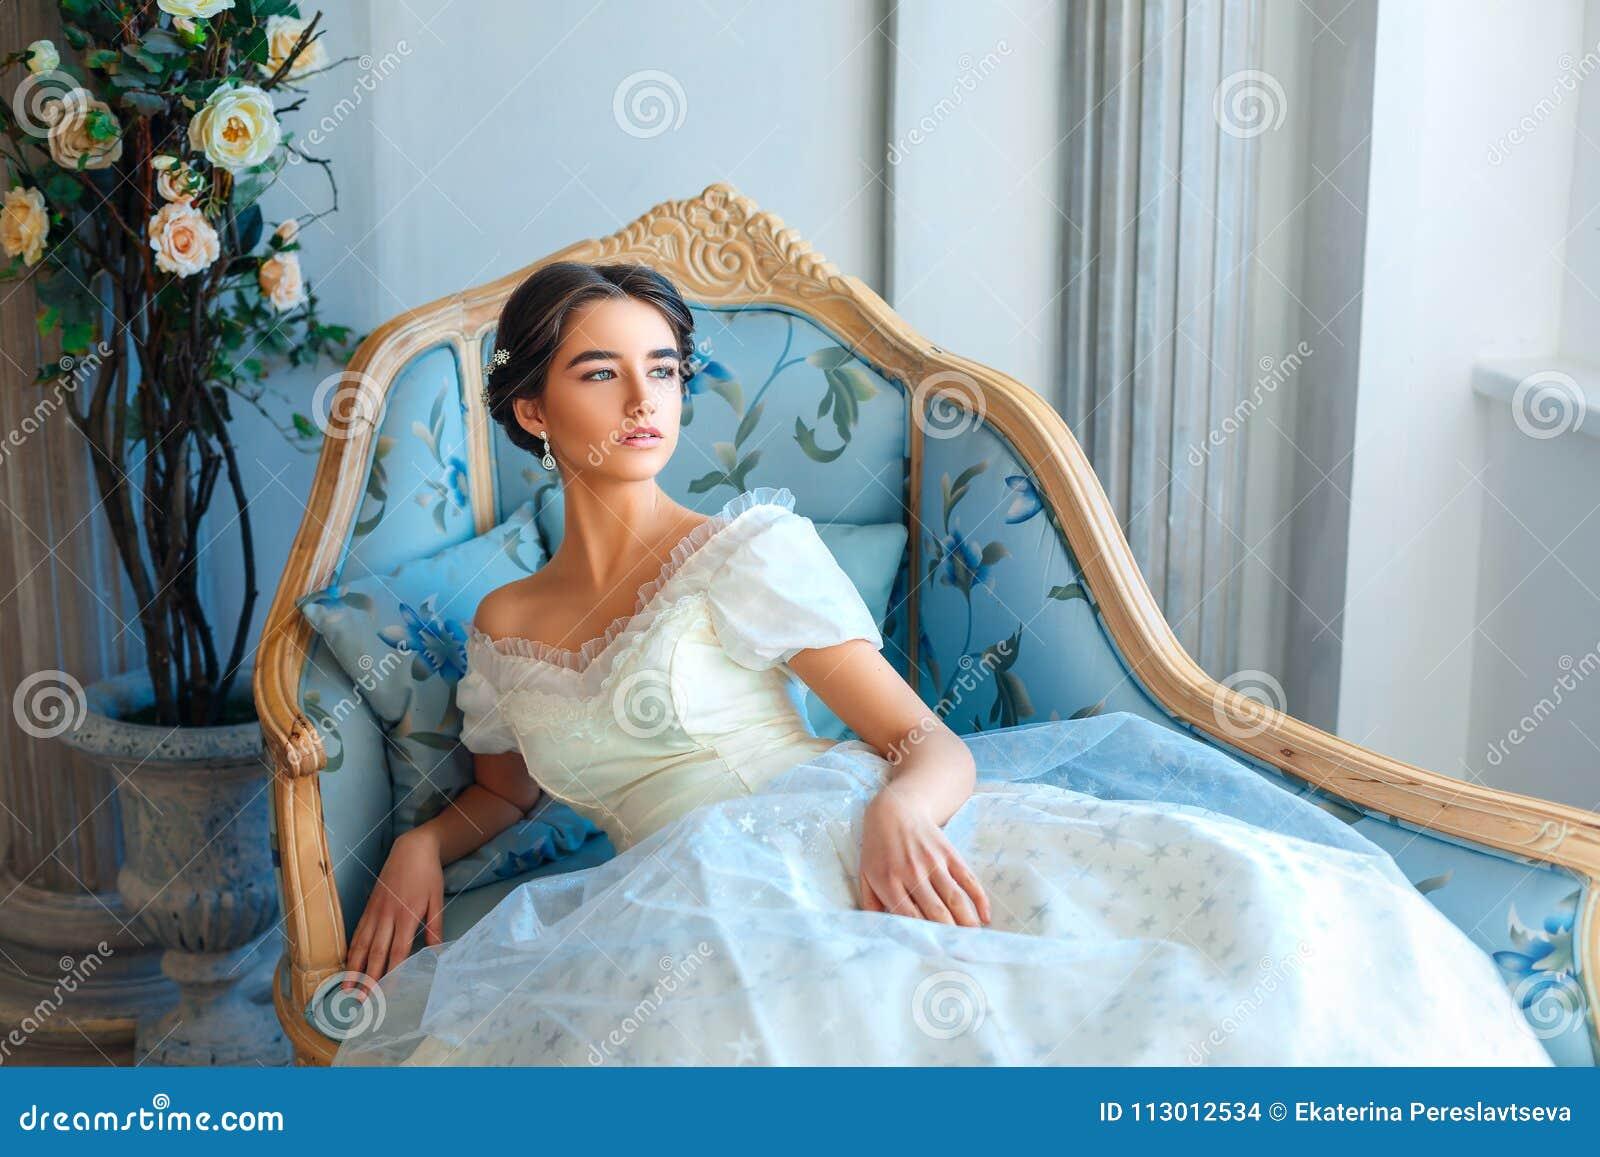 Портрет красивой девушки которая читает книгу на софе в красивом платье